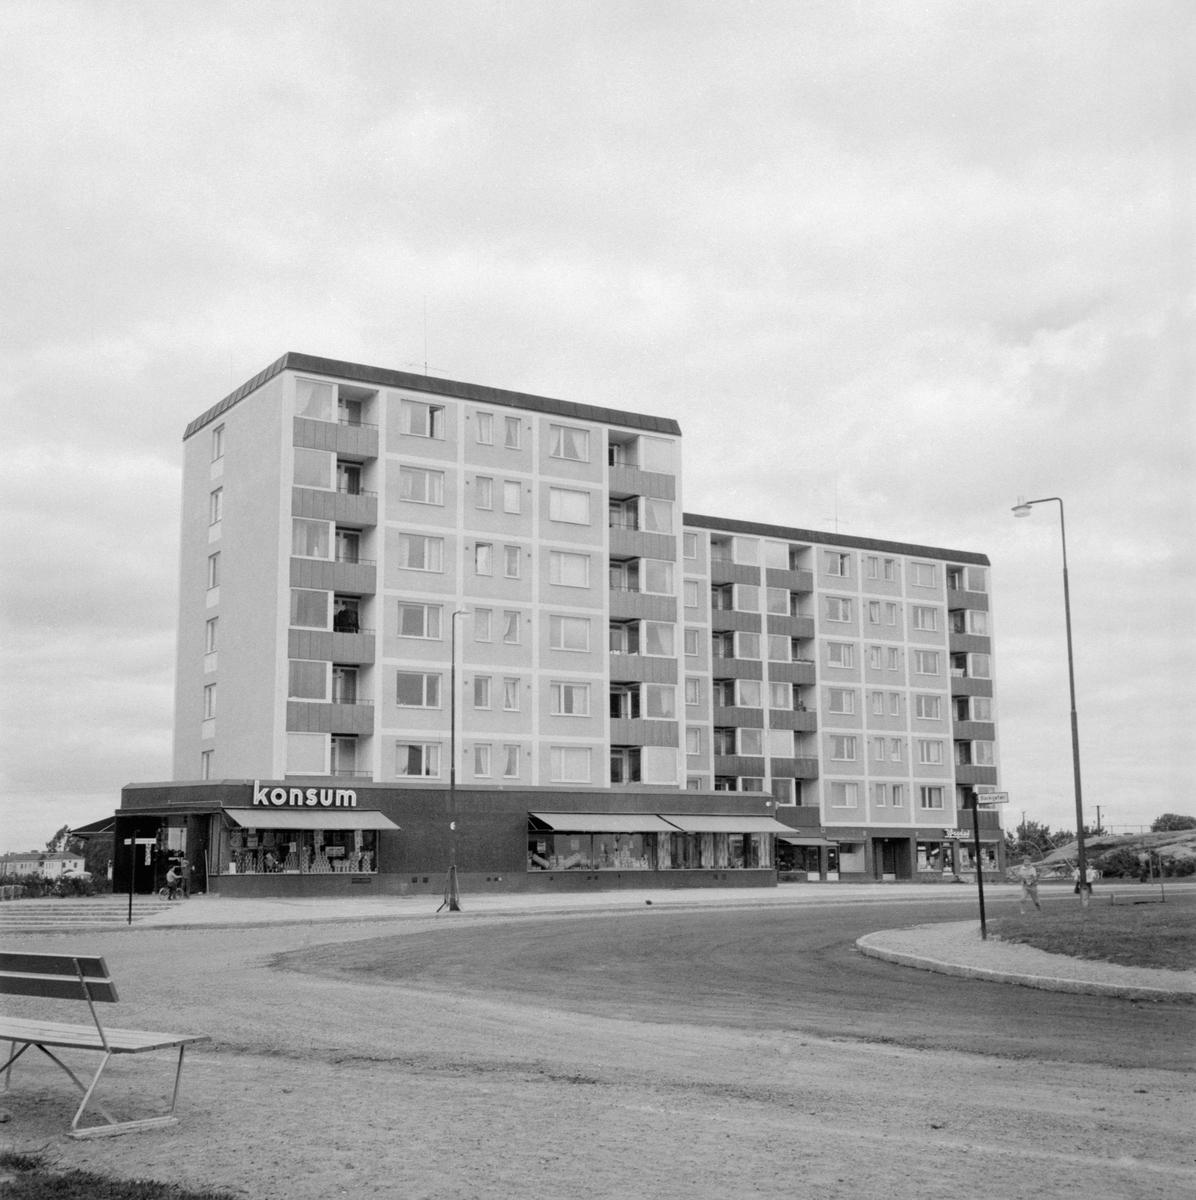 Punkthusen Vrinnegatan 18 och 16 i Norrköping är tydliga exempel på 1950-talets folkhemsbygge med samhällsservice in på knutarna.